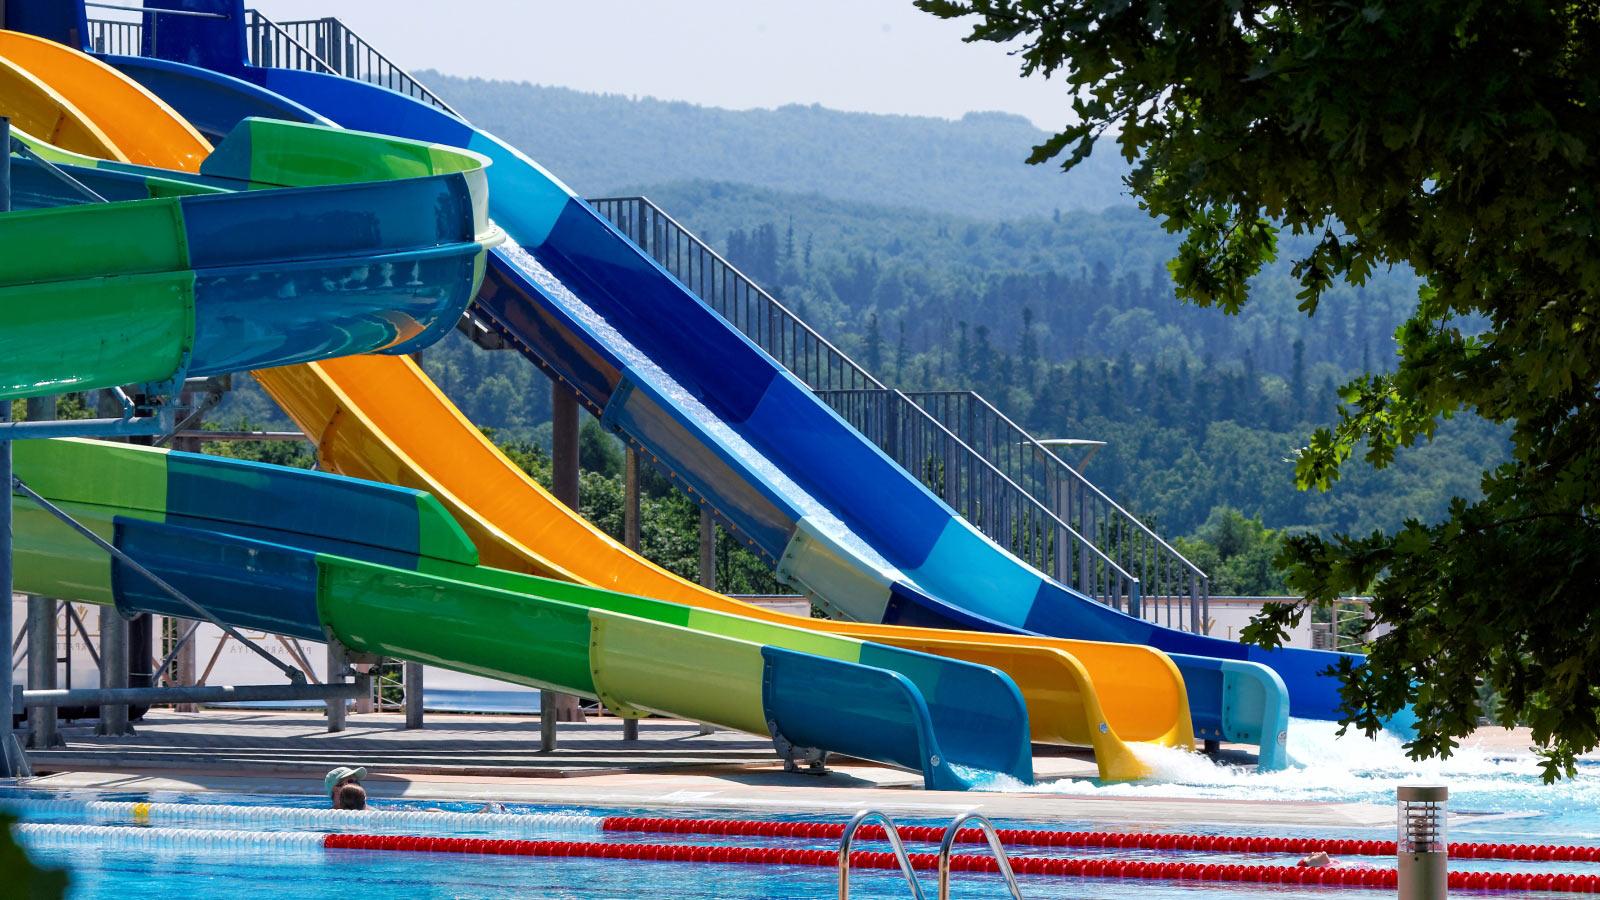 Приглашаем вас на курорт Трускавец - прекрасное сочетание отдыха и лечения